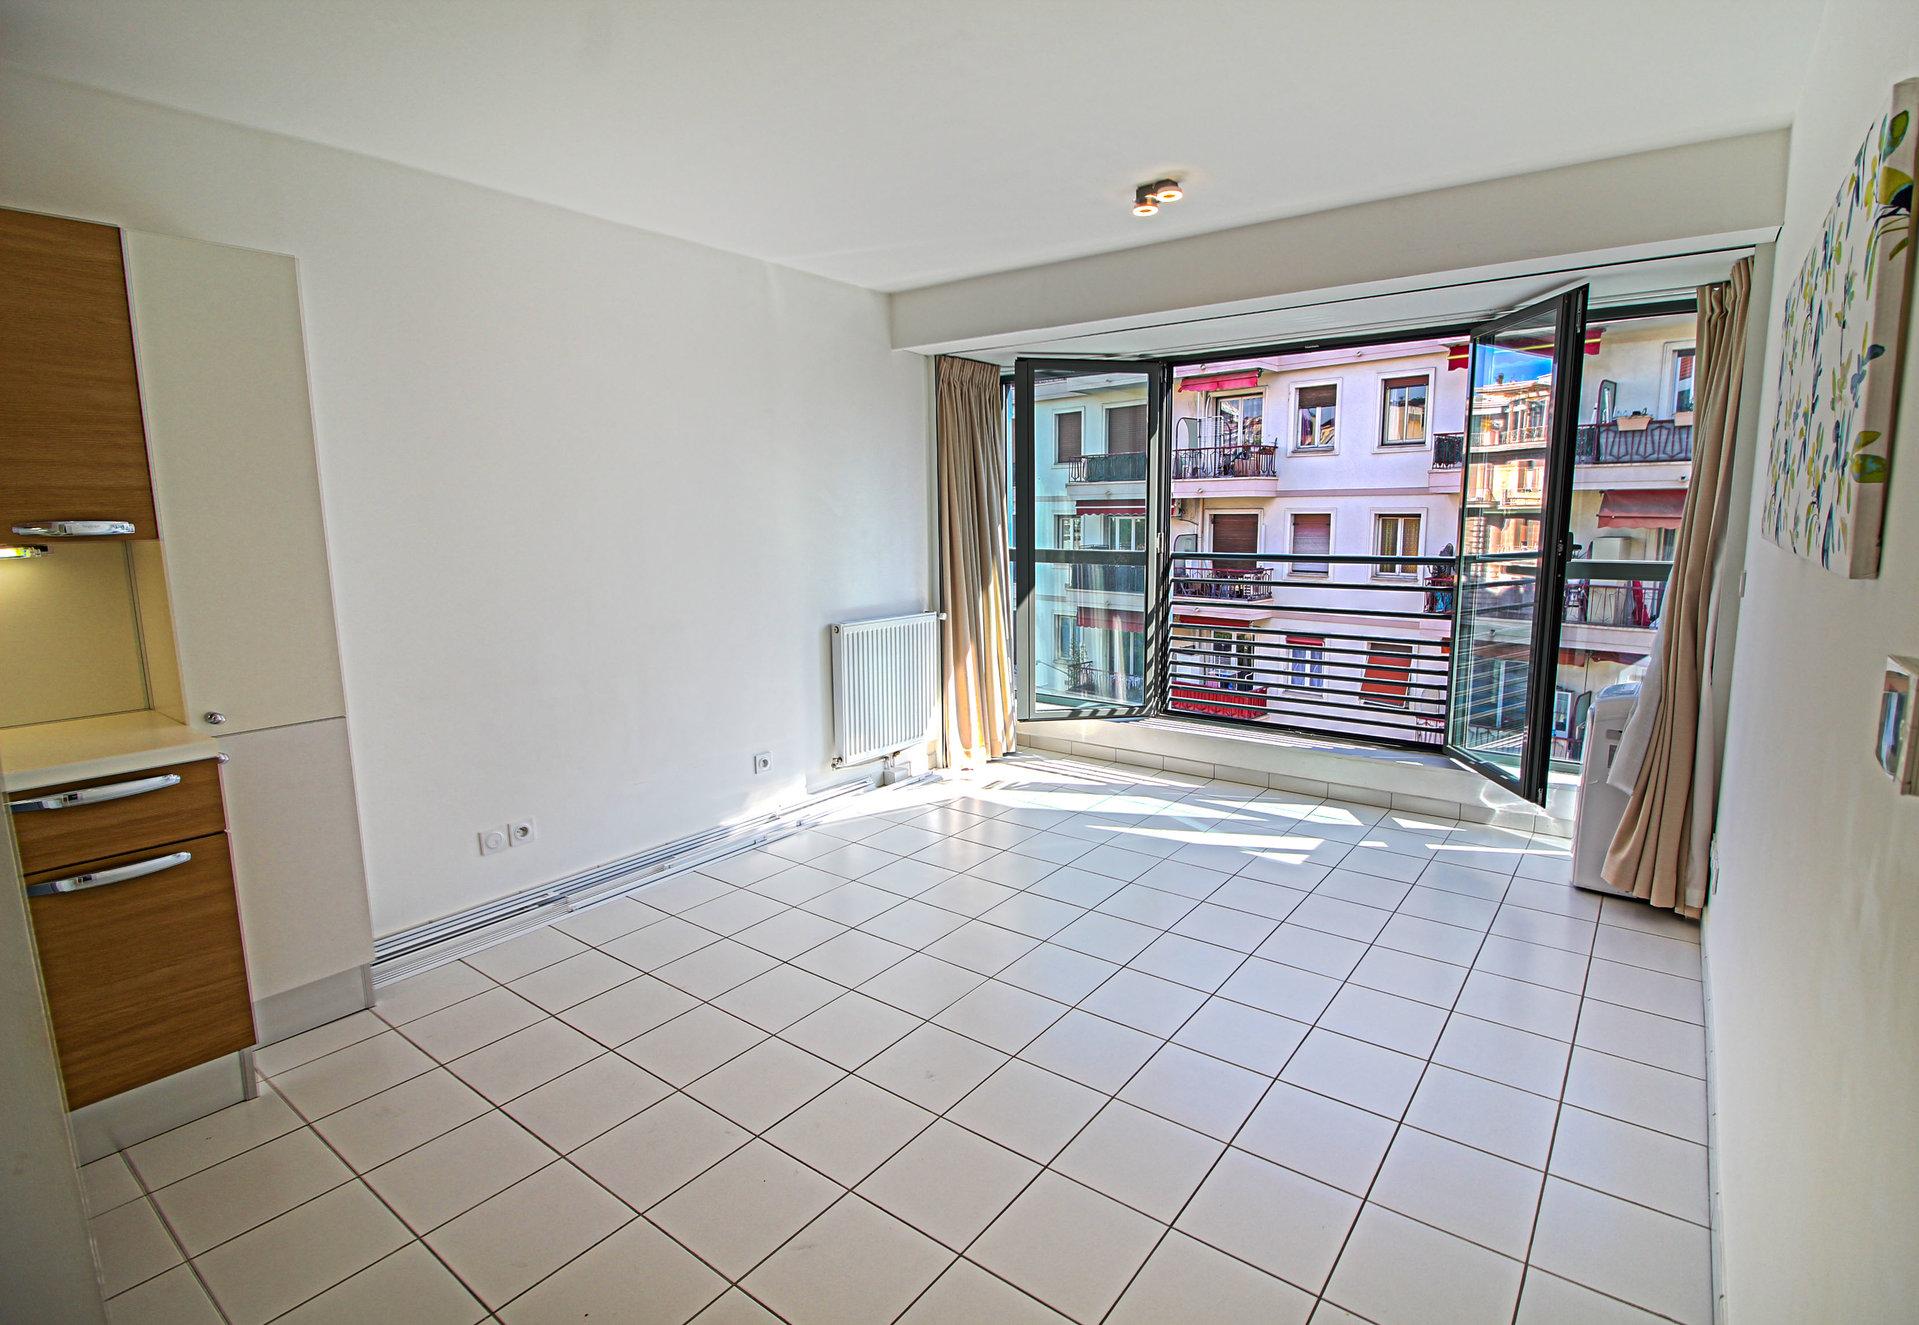 LIBERATION - Immeuble Récent - 2P 40m² - TBE - 215.000 €